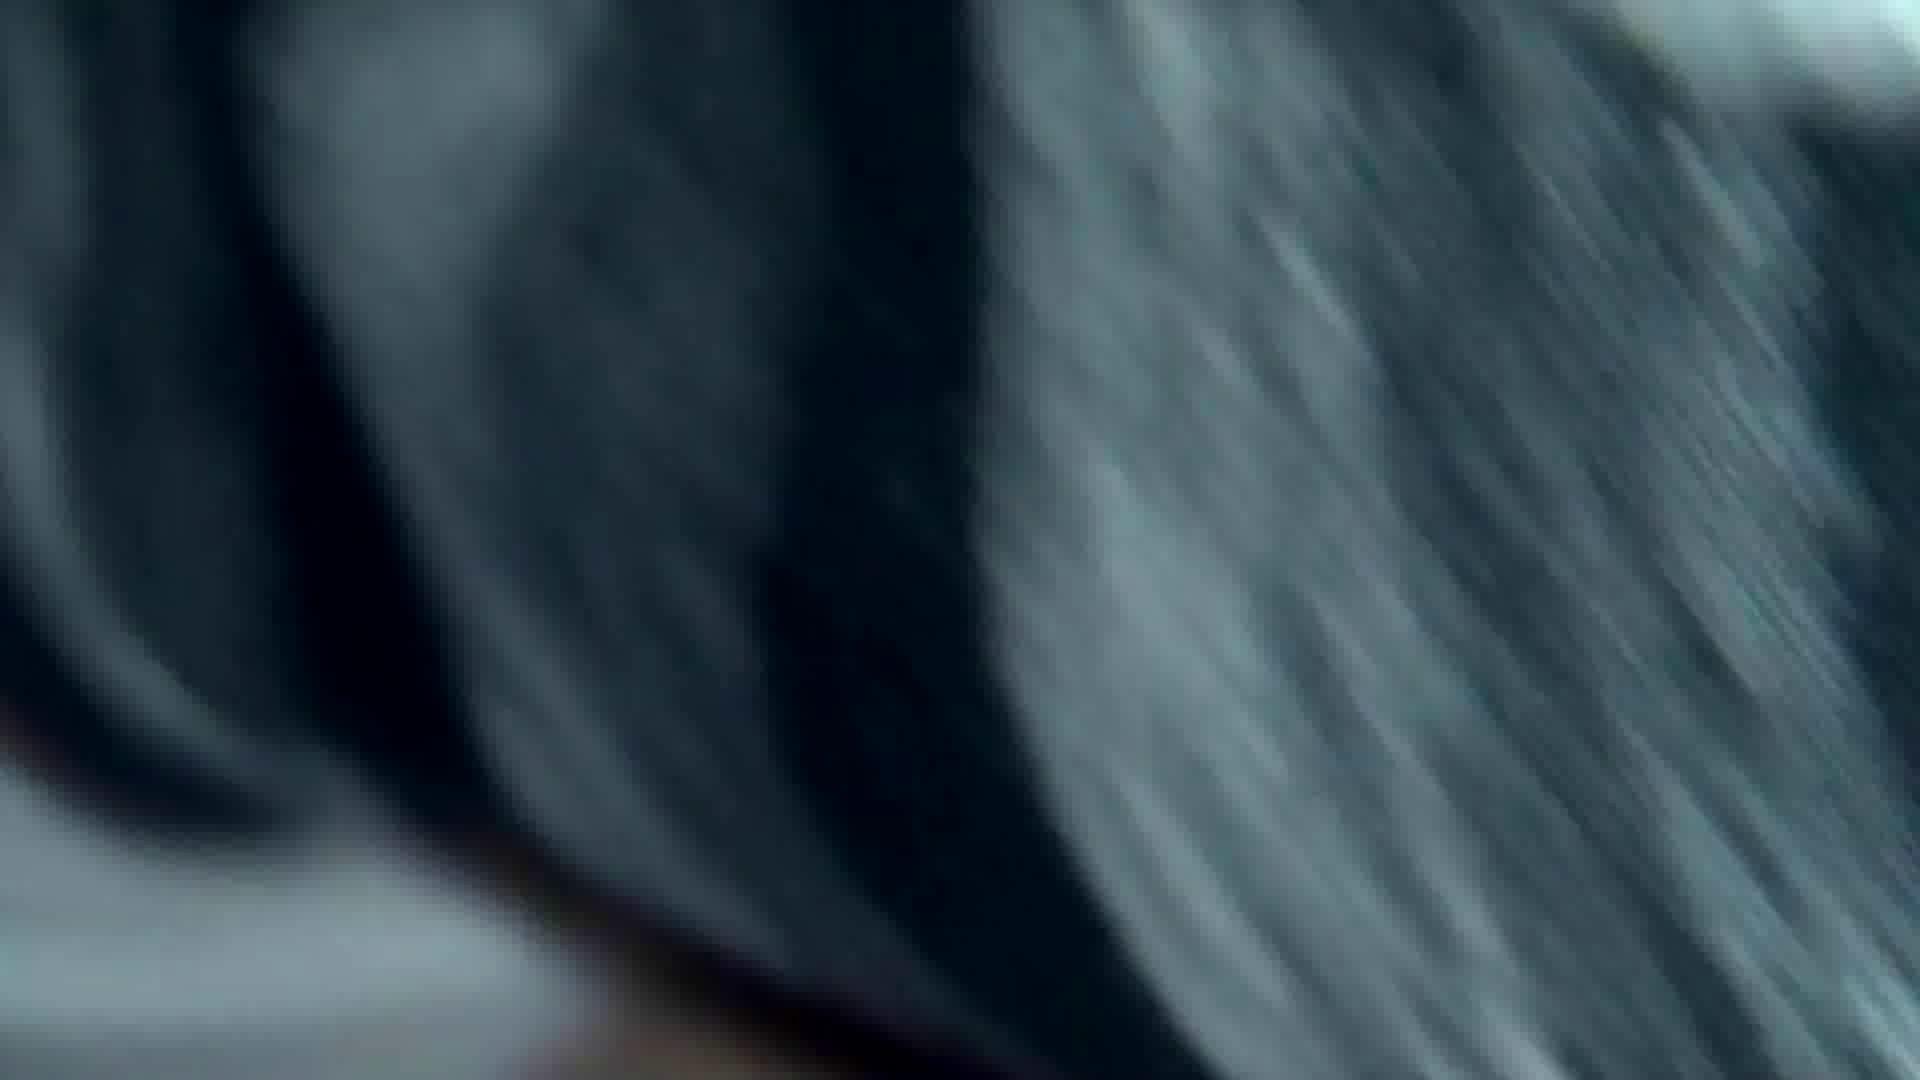 vol.34 【AIちゃん】 黒髪19歳 夏休みのプチ家出中 1回目 いじくり | ホテルで絶頂  68画像 11